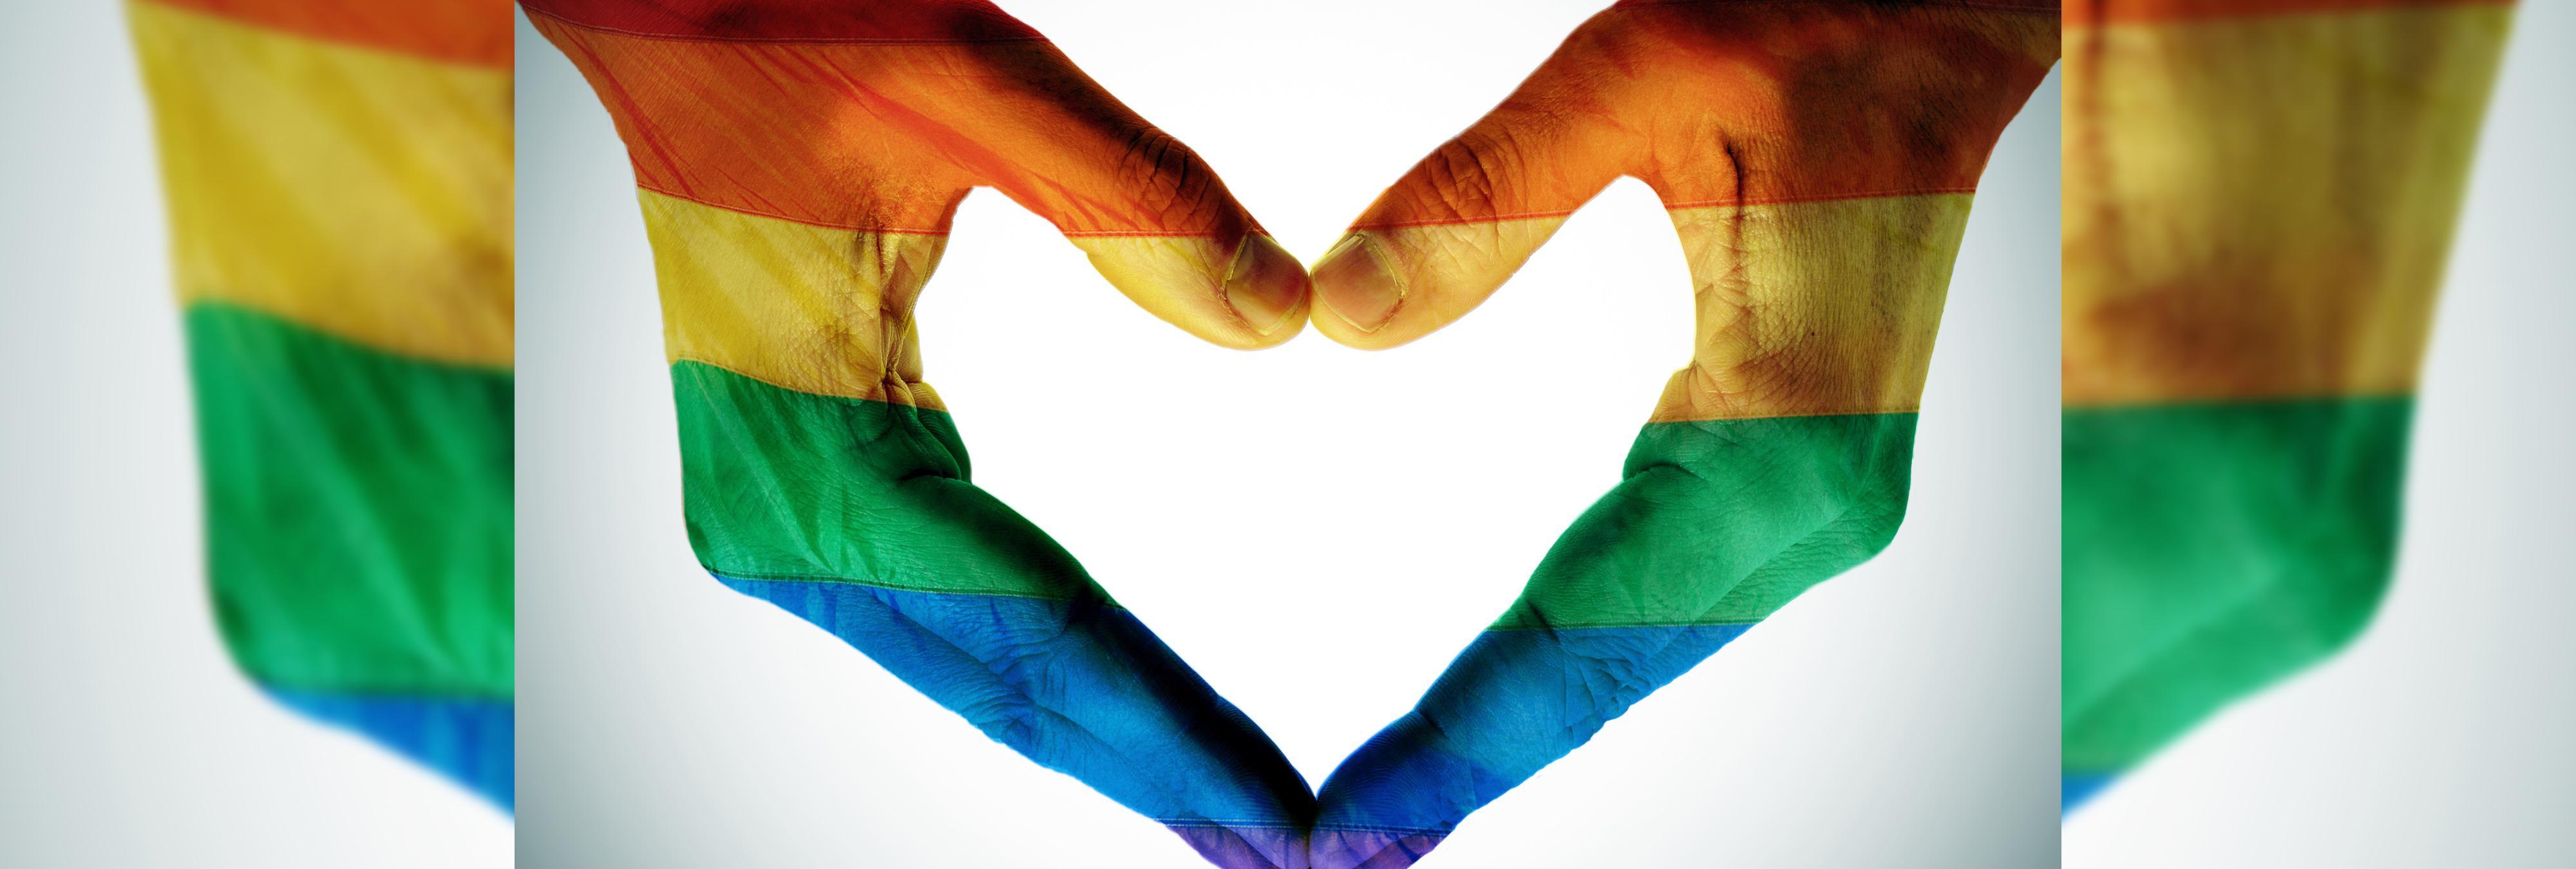 Quince homófobos propinan una brutal paliza a cinco mujeres lesbianas en Inglaterra